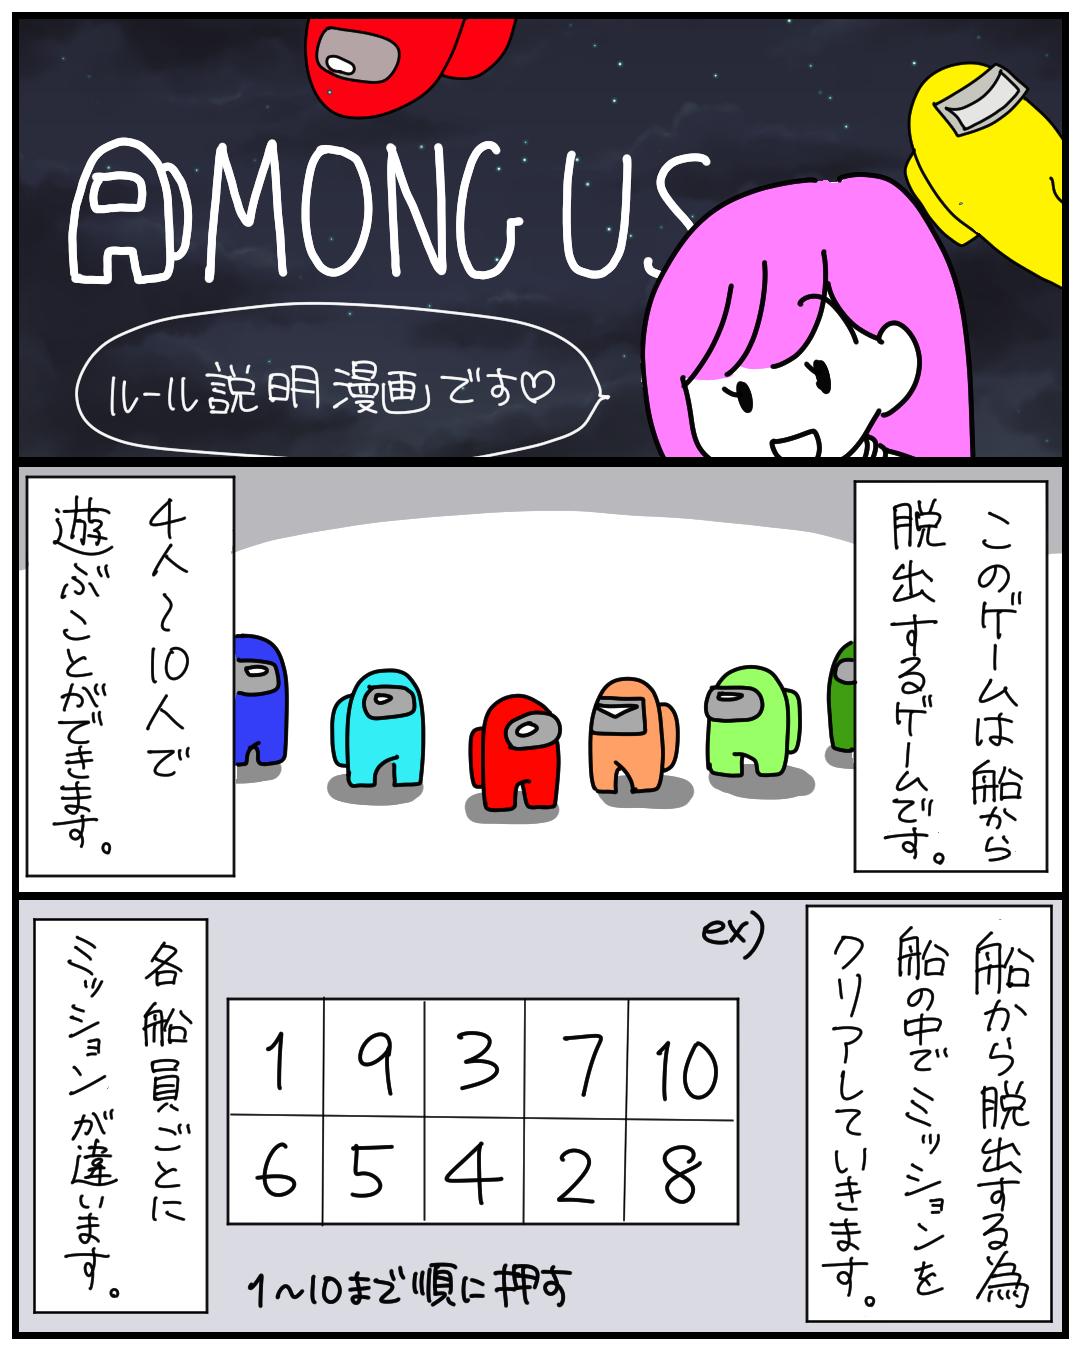 Us 語 among 日本